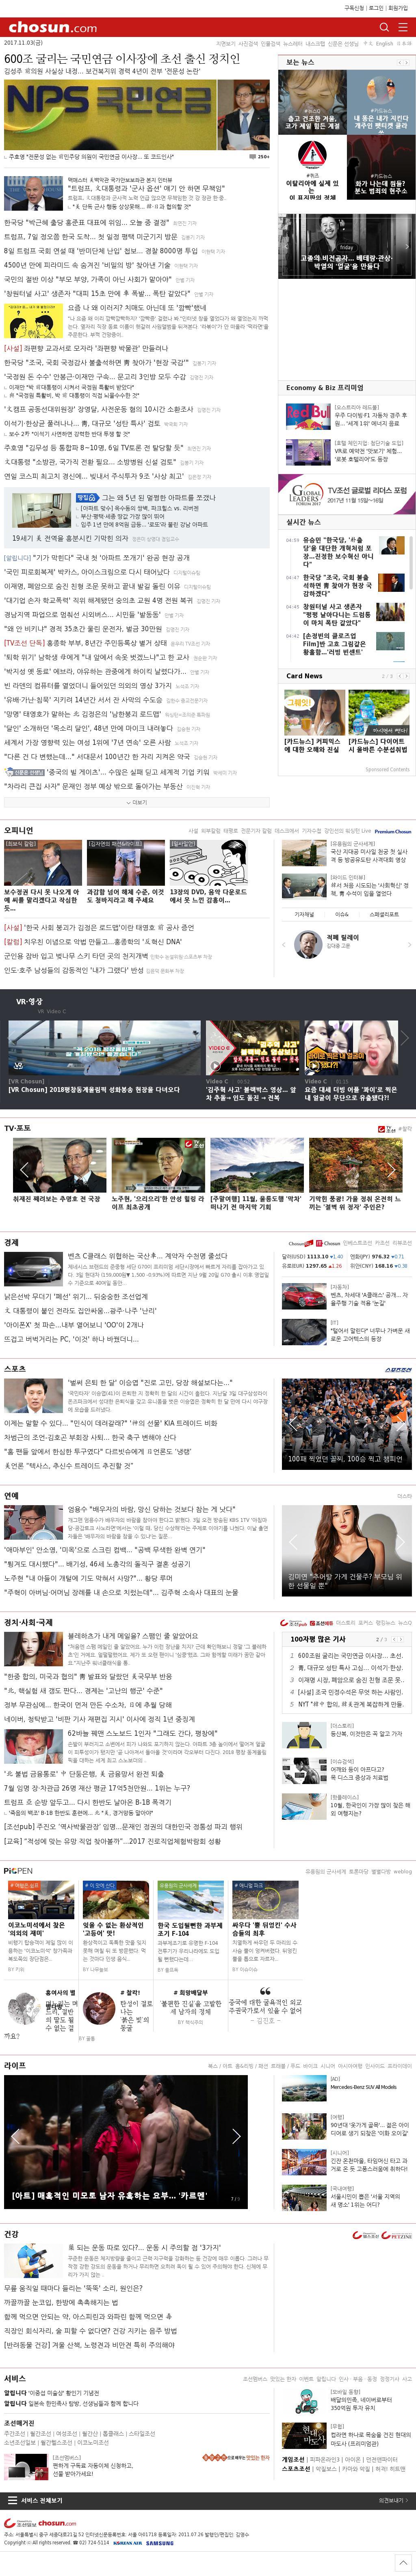 chosun.com at Friday Nov. 3, 2017, 5:01 a.m. UTC